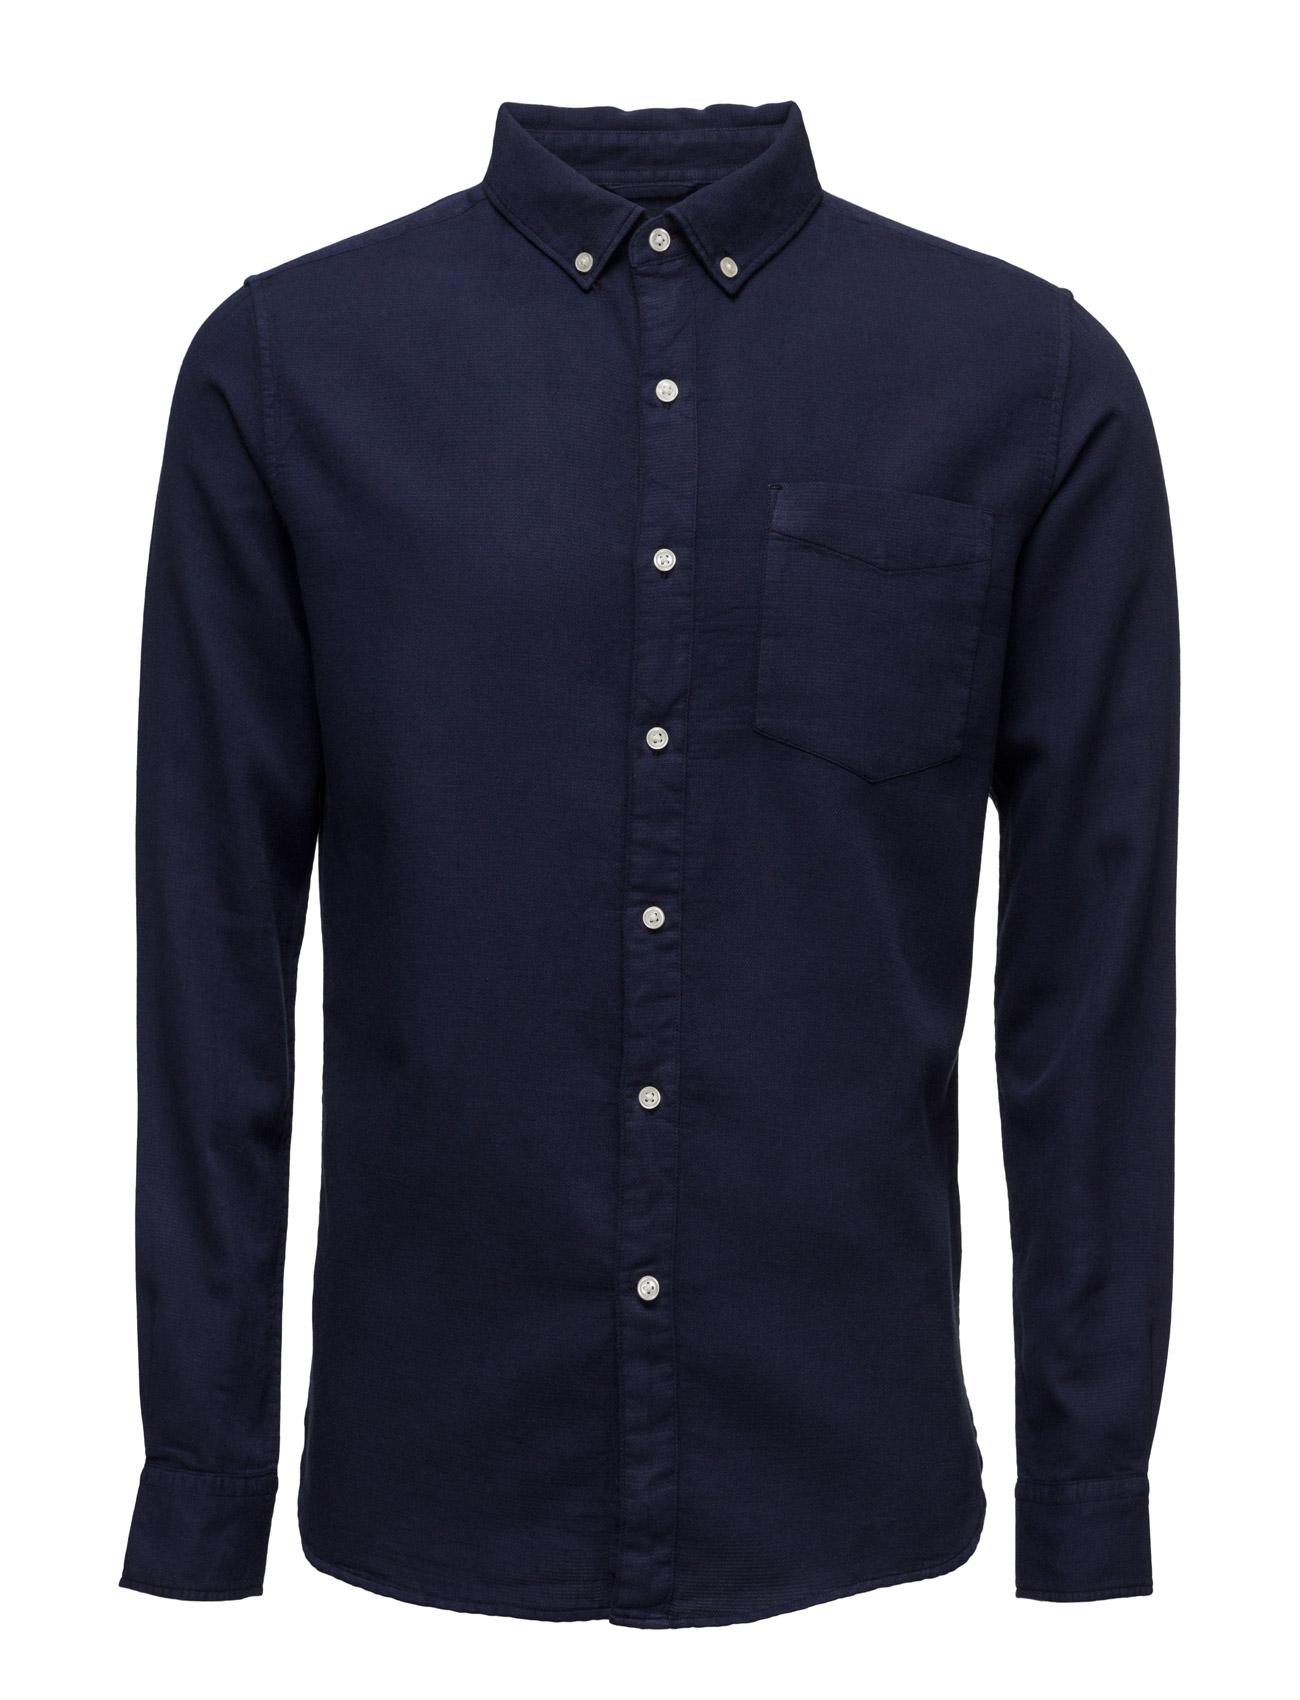 Indigo Shirt - Gots Knowledge Cotton Apparel Casual sko til Herrer i Total Eclipse